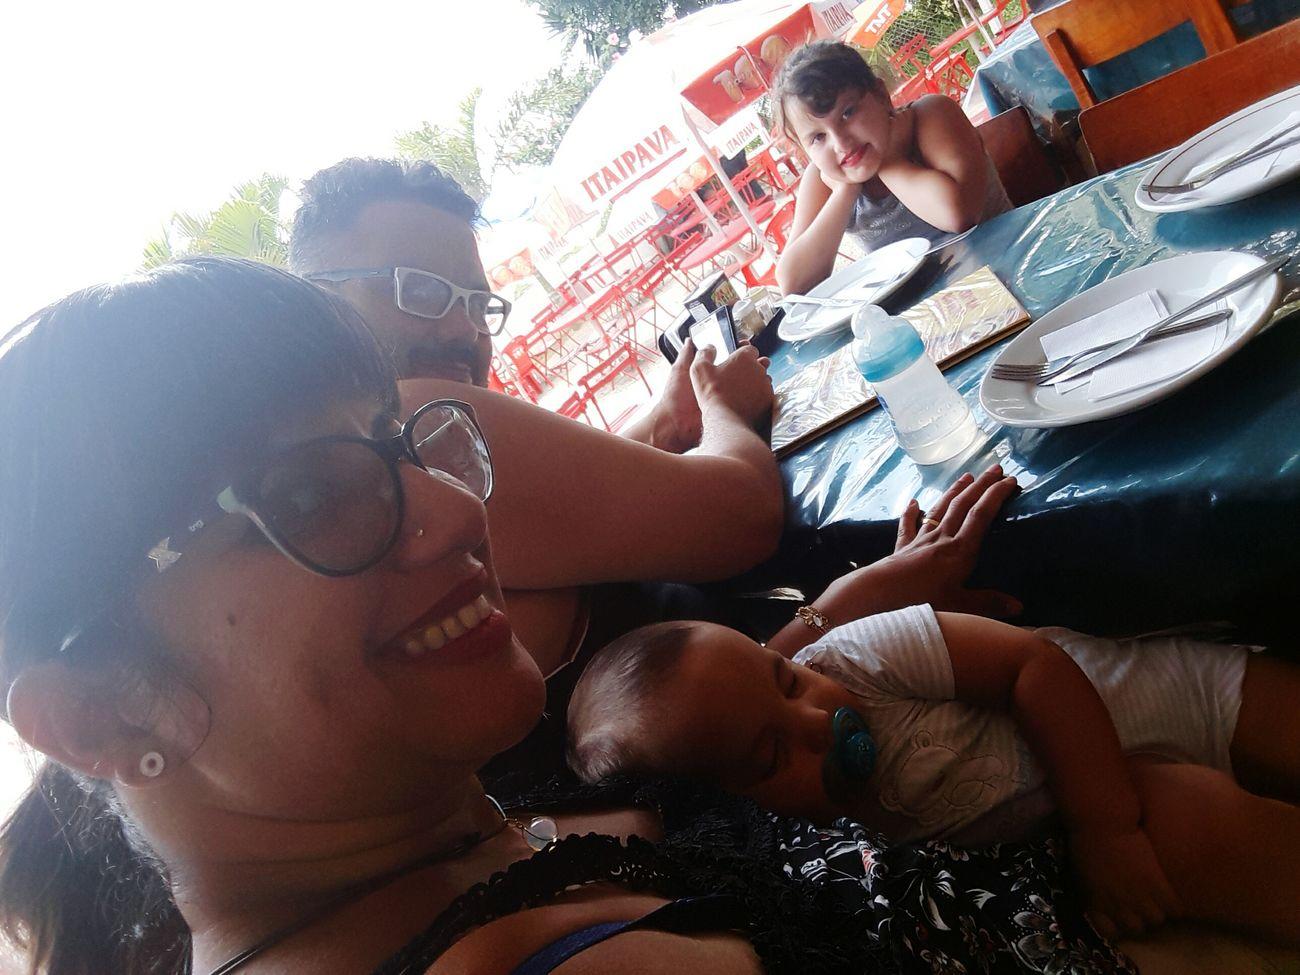 Miamor ♡ Selfie Mon Amour <3 My Princess <3 Filha ♥ Mybaby 👶 Family❤ AMOUR DE MA VIE MiVida❤💚 😊happy Day Love